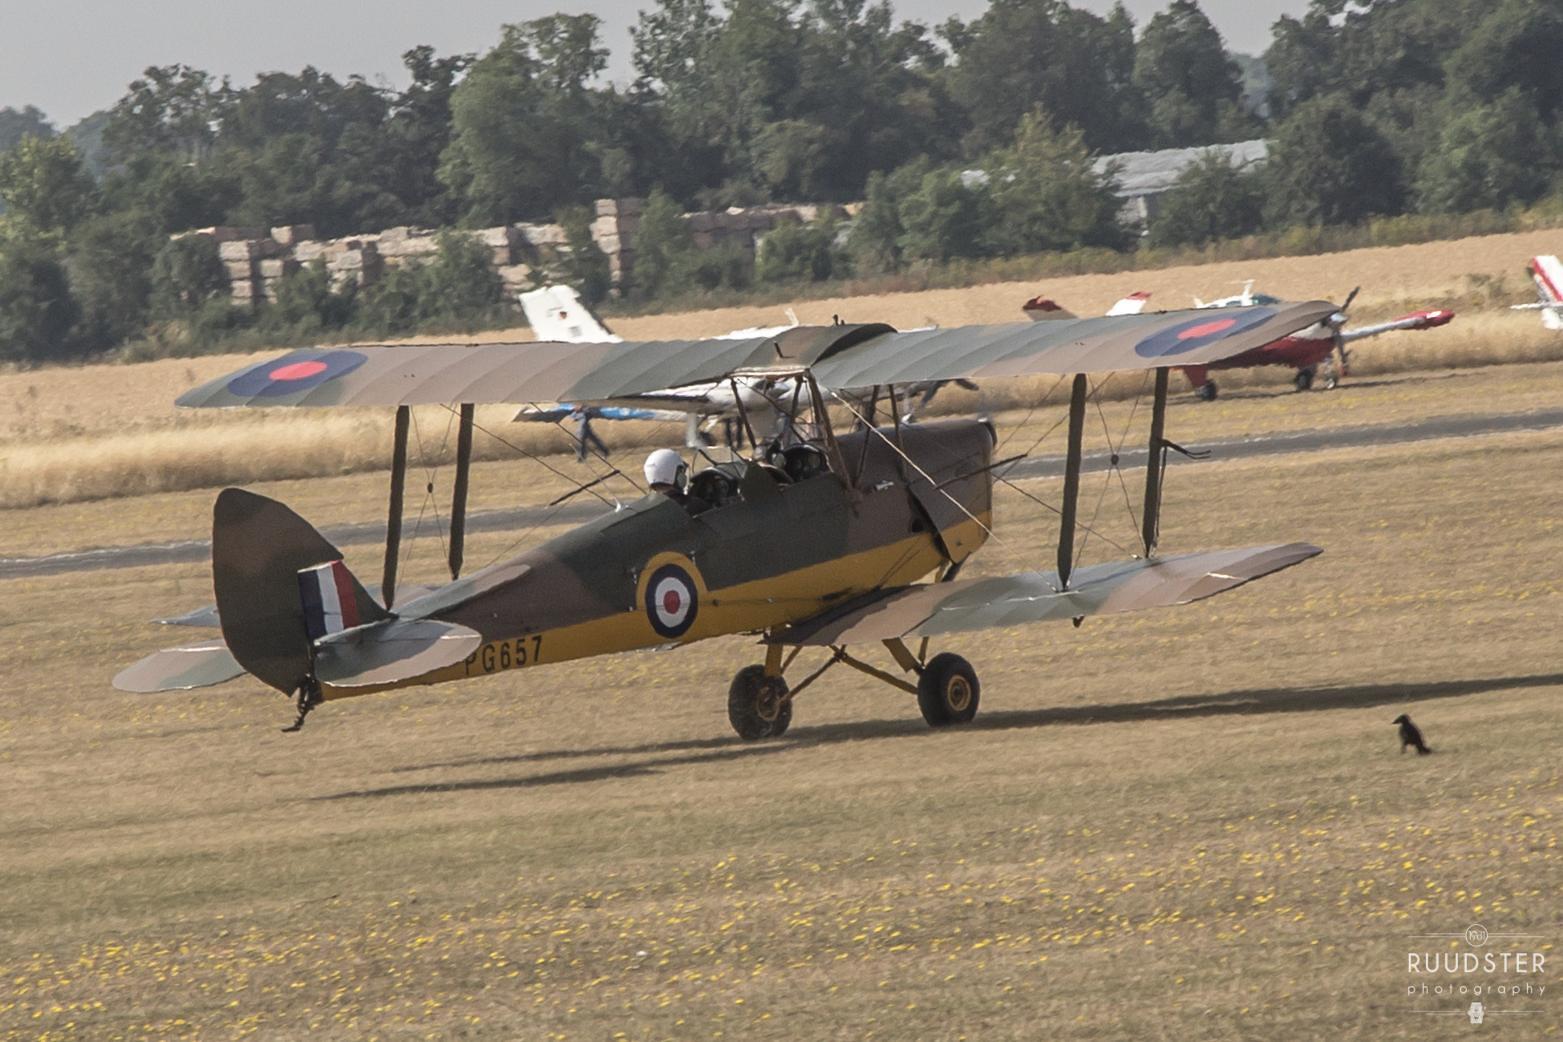 PG657 / G-AGPK   Build: 1945 - De Havilland DH82A 'Tiger Moth'